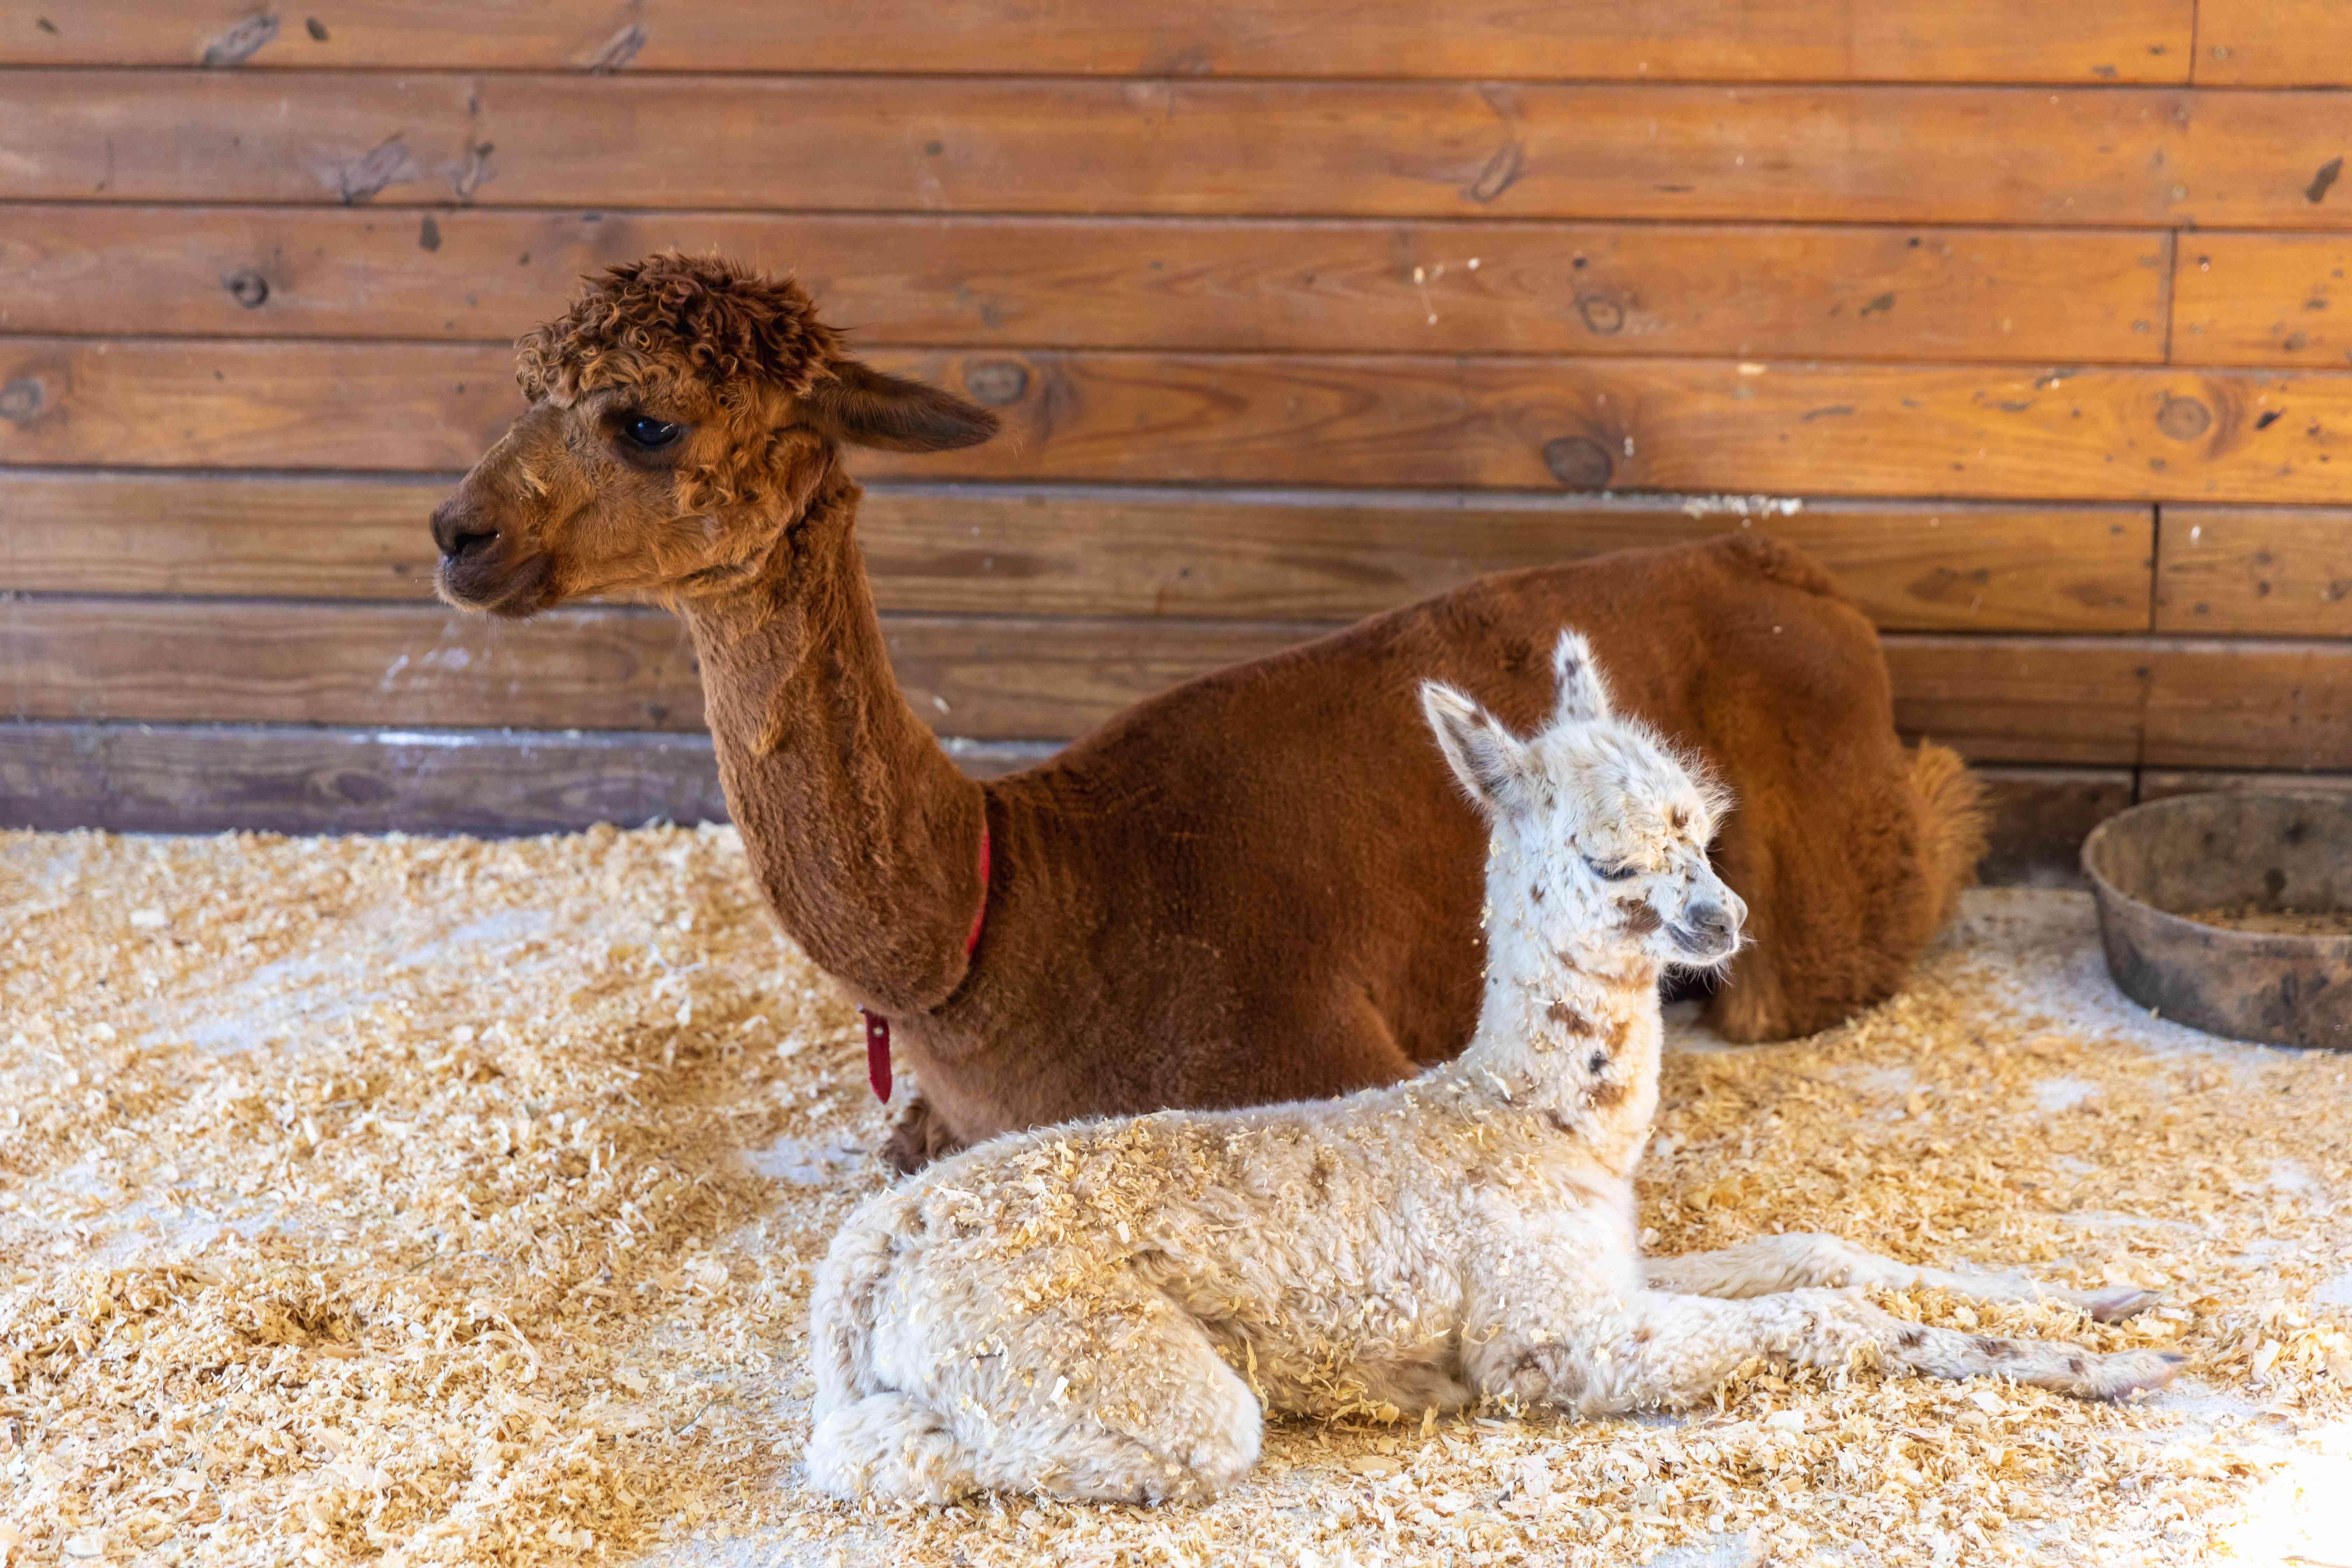 mom and child alpaca rest in barn